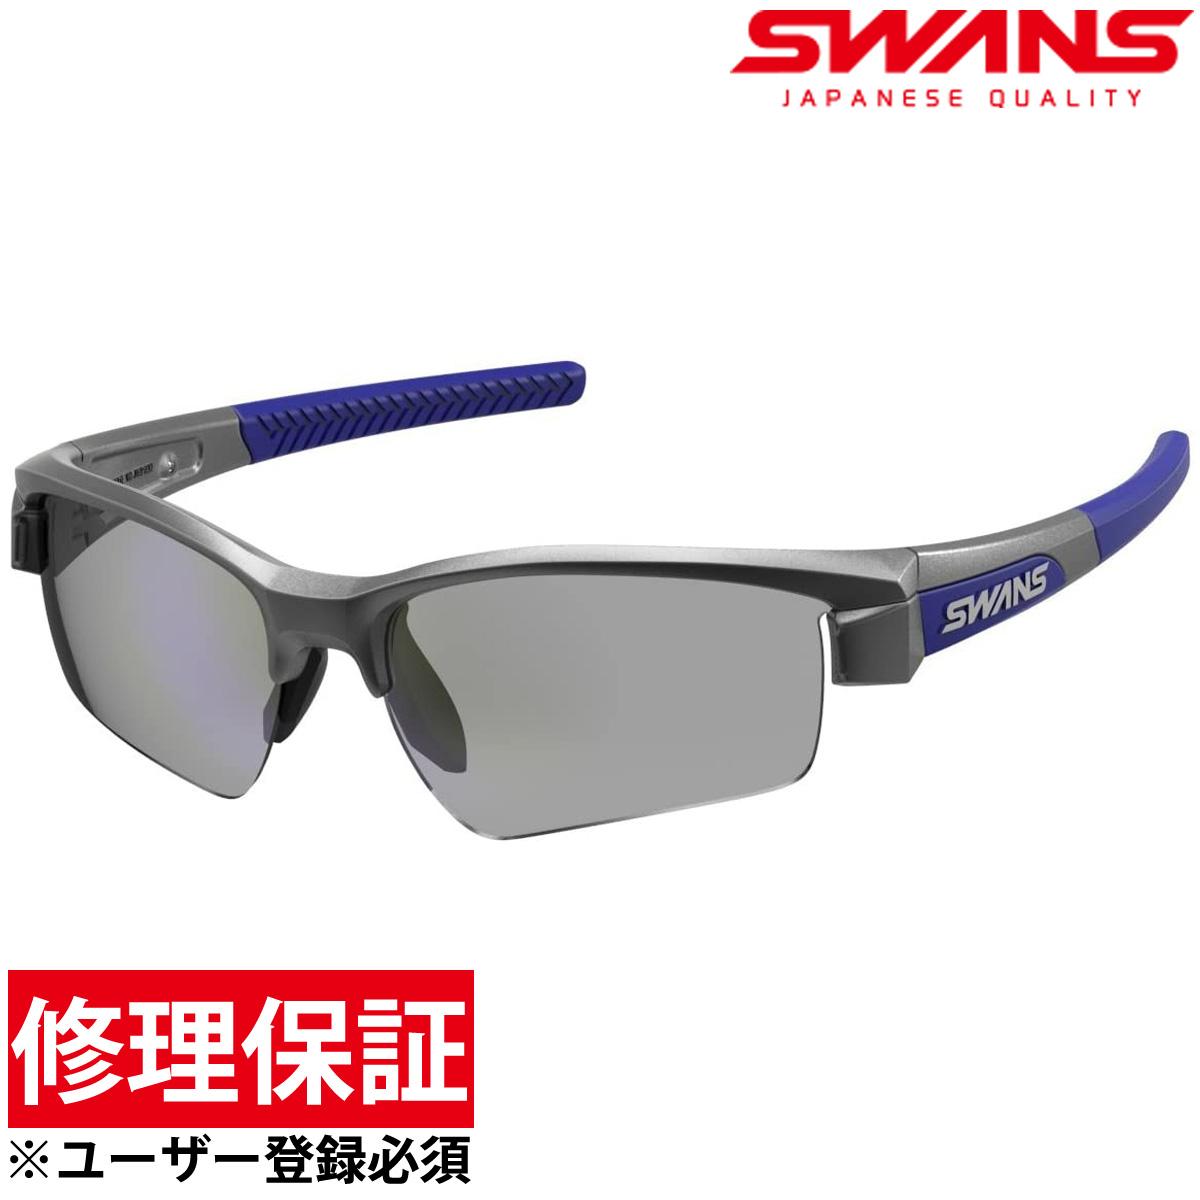 偏光サングラス スポーツサングラス LION SIN-P [ライオン シン] 両面マルチ偏光レンズ レンズ交換可能 LI SIN